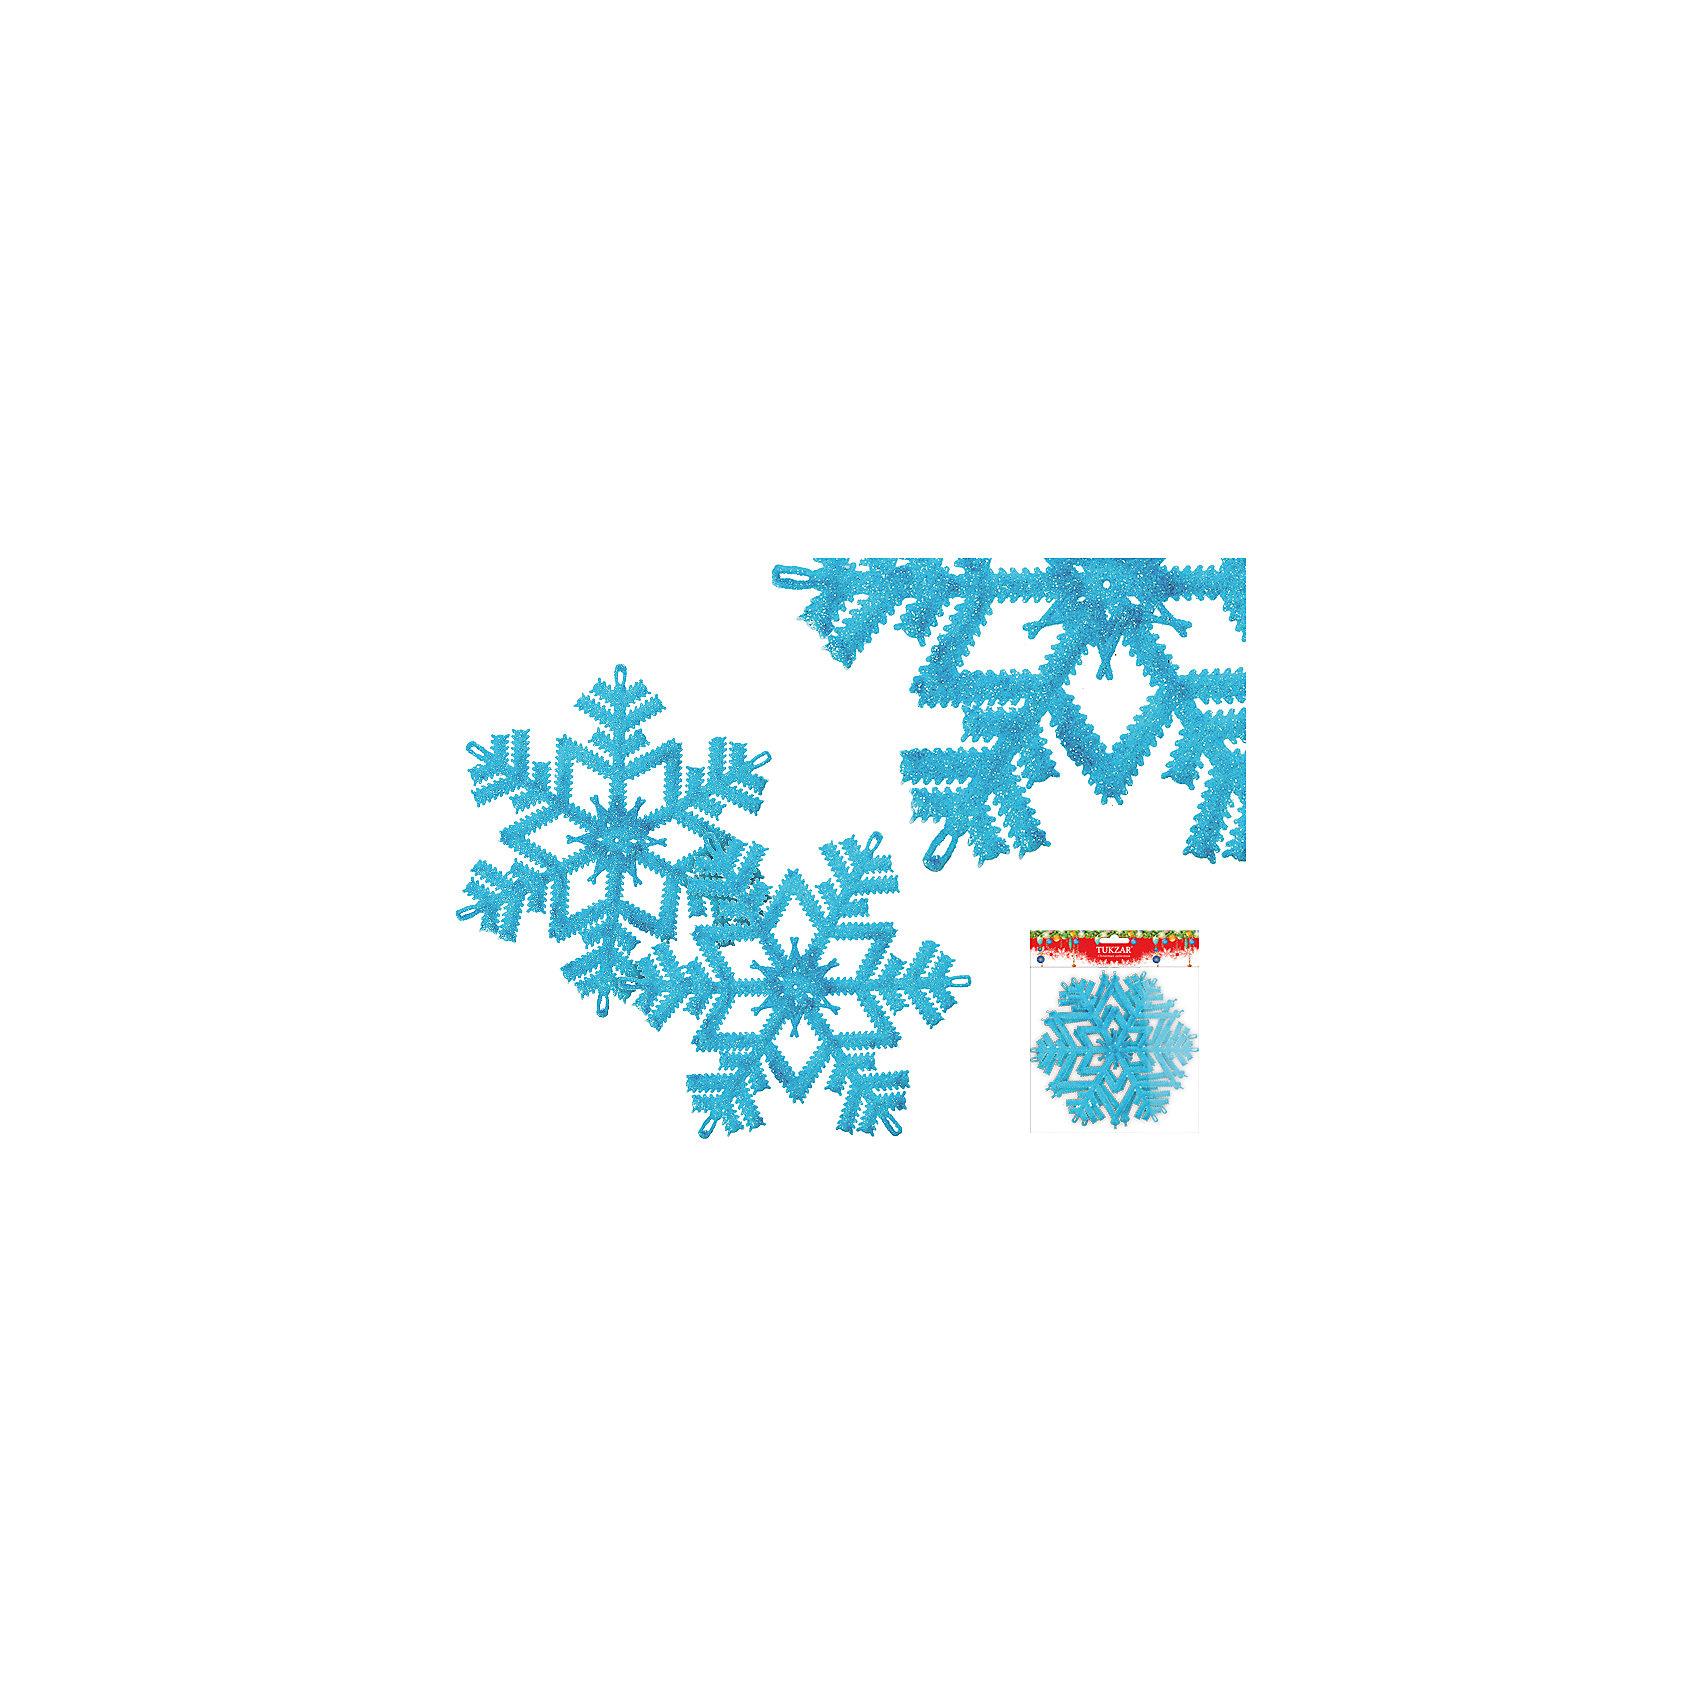 Набор пластиковых украшений Снежинки с блестками, 2 шт, TUKZARНовинки Новый Год<br>Набор красивых пластиковых украшений Снежинки с блестками, 2 шт, TUKZAR преобразит Вашу елочку и поможет и поможет создать волшебную атмосферу новогодних праздников! Блестящие обсыпанные блестками снежинки прекрасно смотрятся на елке и будут превосходно сочетаться с другими новогодними украшениями! <br><br>Дополнительная информация:<br>-Материалы: пластик, глитер (блестки)<br>-Диаметр снежинки: 16 см<br><br>Снежинки станут замечательным украшением Вашей елочки и приятным подарком для родных и друзей! <br><br>Набор пластиковых украшений Снежинки с блестками, 2 шт, TUKZAR можно купить в нашем магазине.<br><br>Ширина мм: 160<br>Глубина мм: 160<br>Высота мм: 20<br>Вес г: 100<br>Возраст от месяцев: 36<br>Возраст до месяцев: 1188<br>Пол: Унисекс<br>Возраст: Детский<br>SKU: 4251089